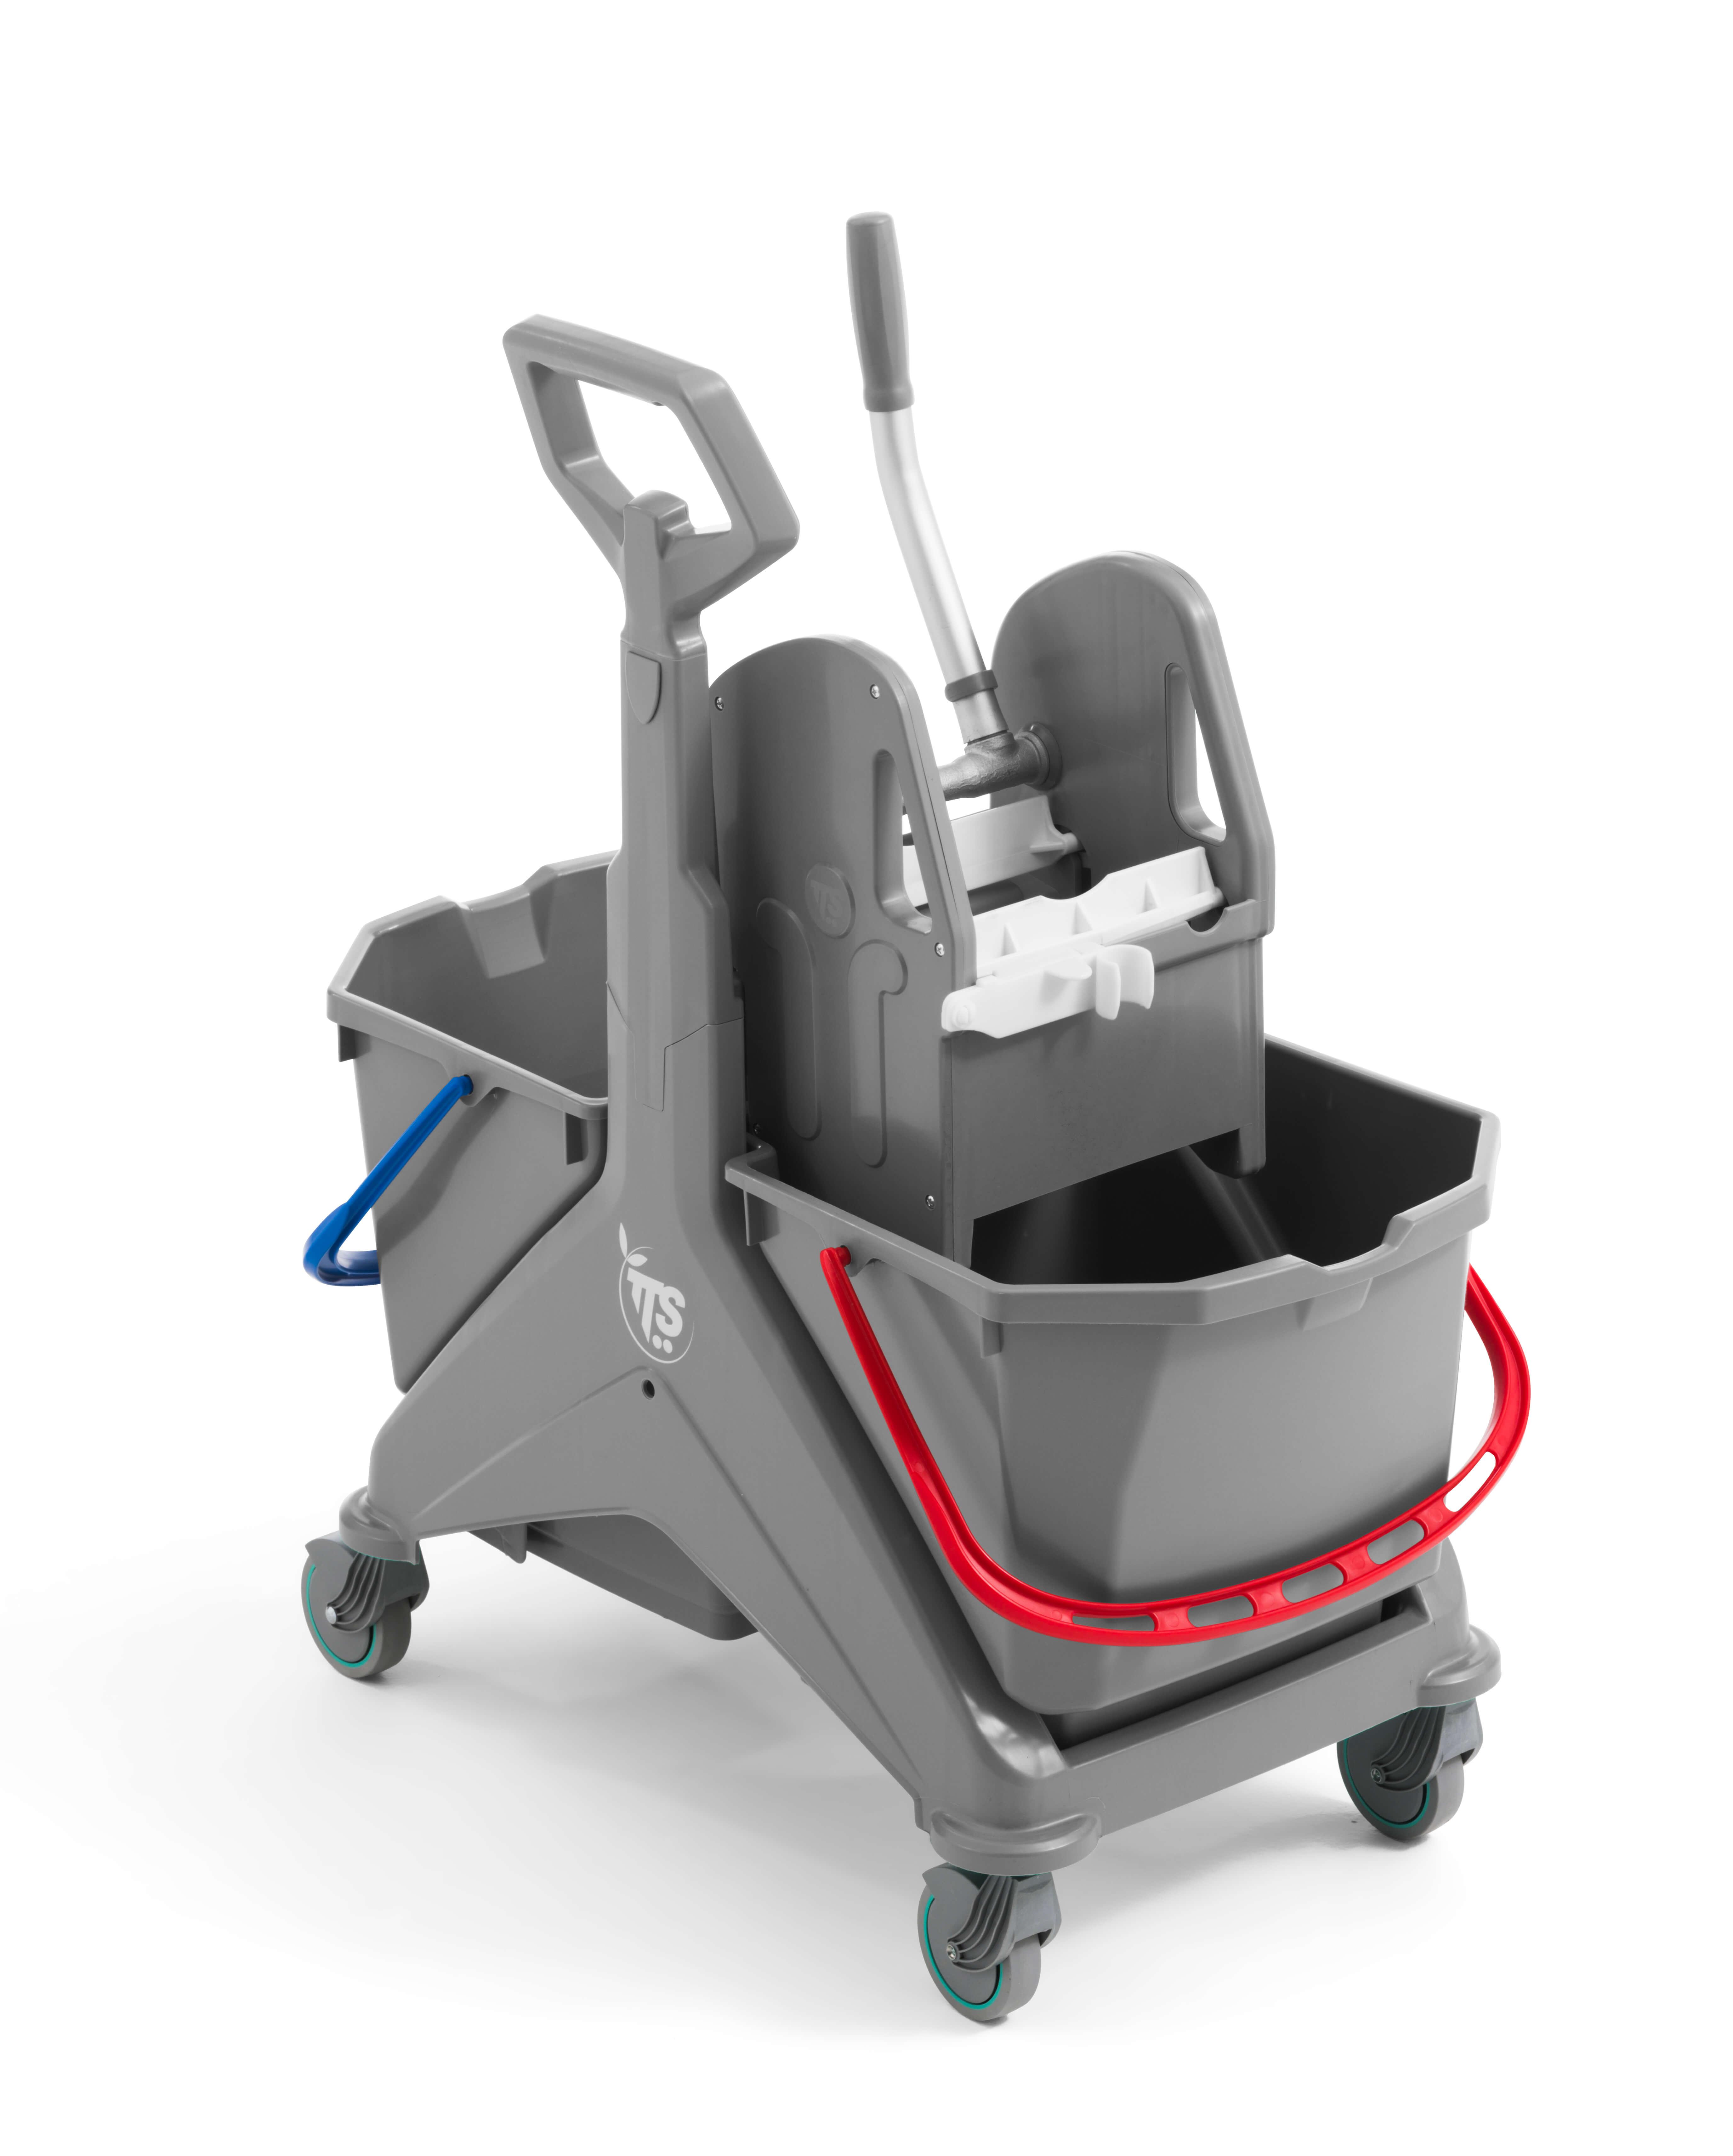 Wózek TTS Nickita to profesjonalny sprzęt do mycia podłóg